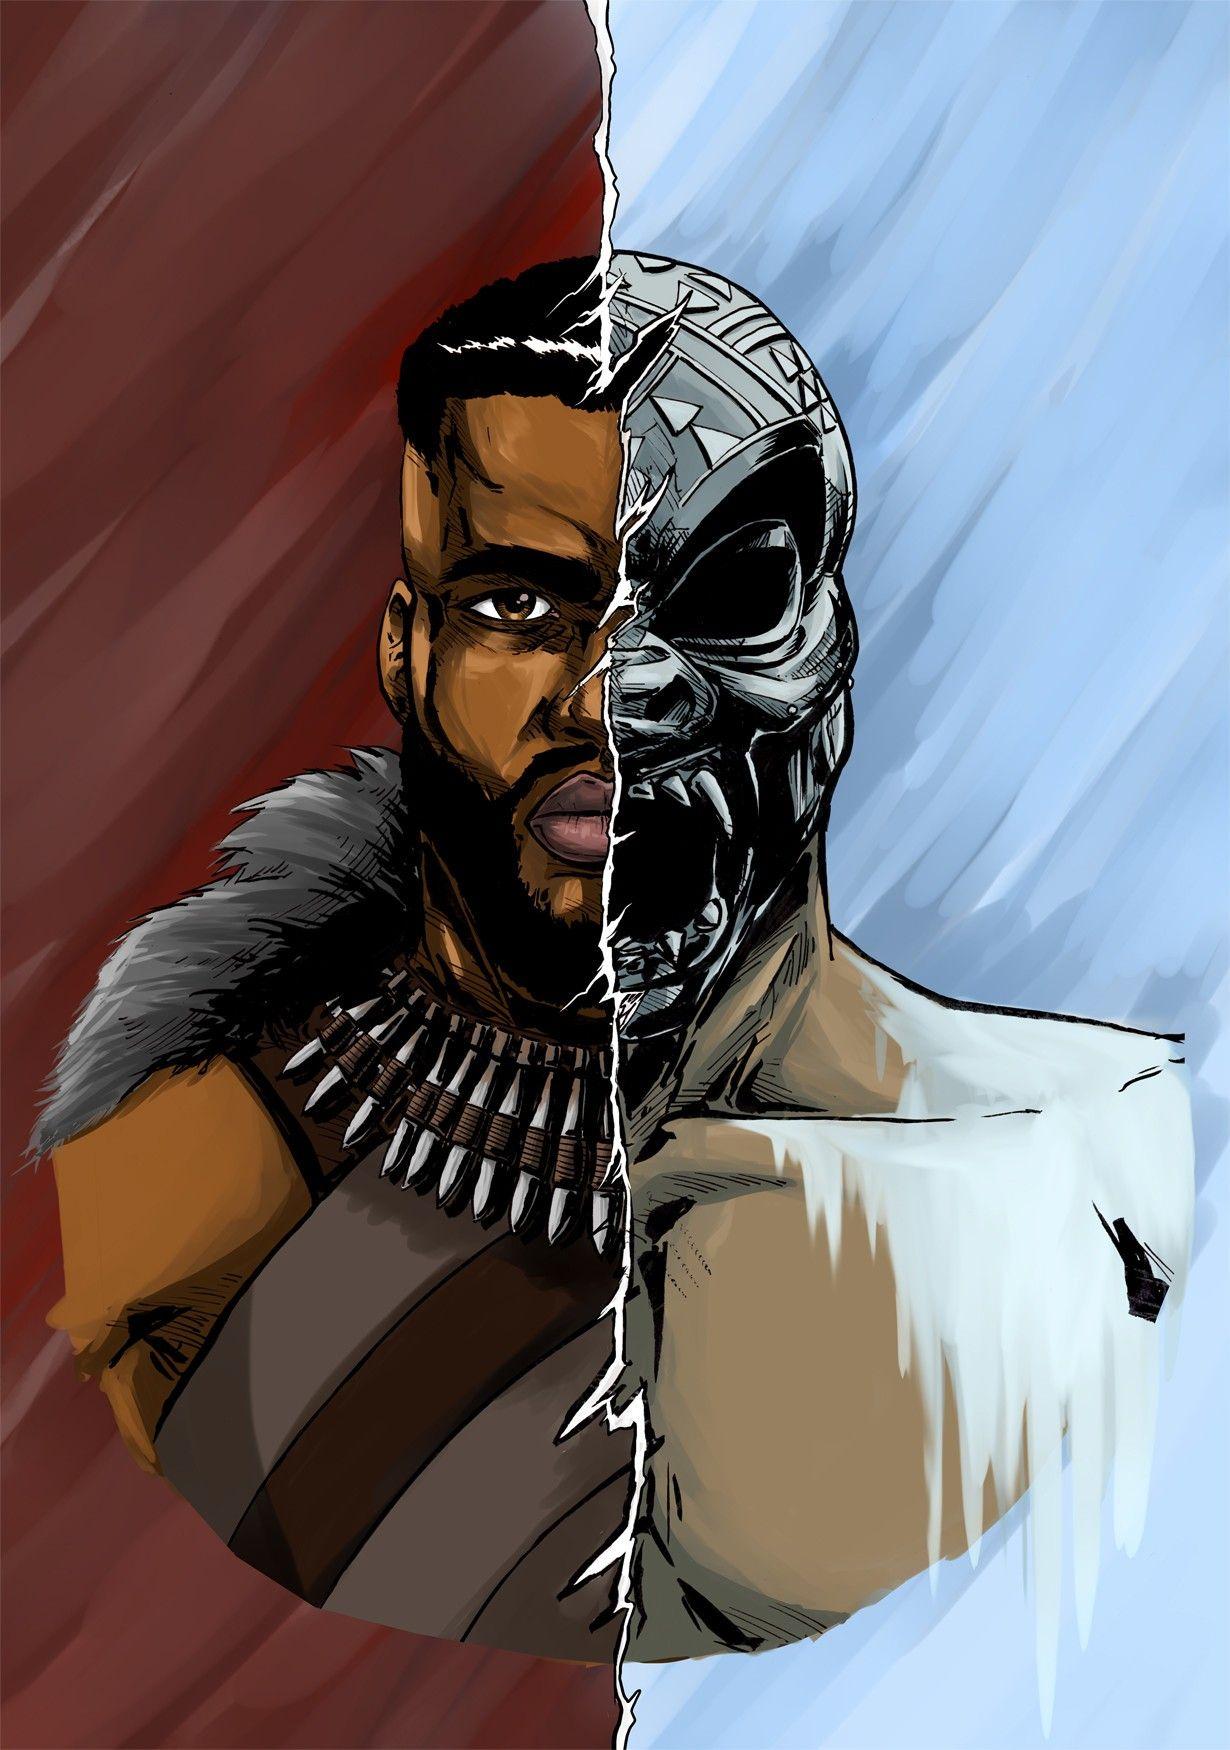 Black Panther M Baku T Challa Black Panther Marvel Black Panther Art Black Panther